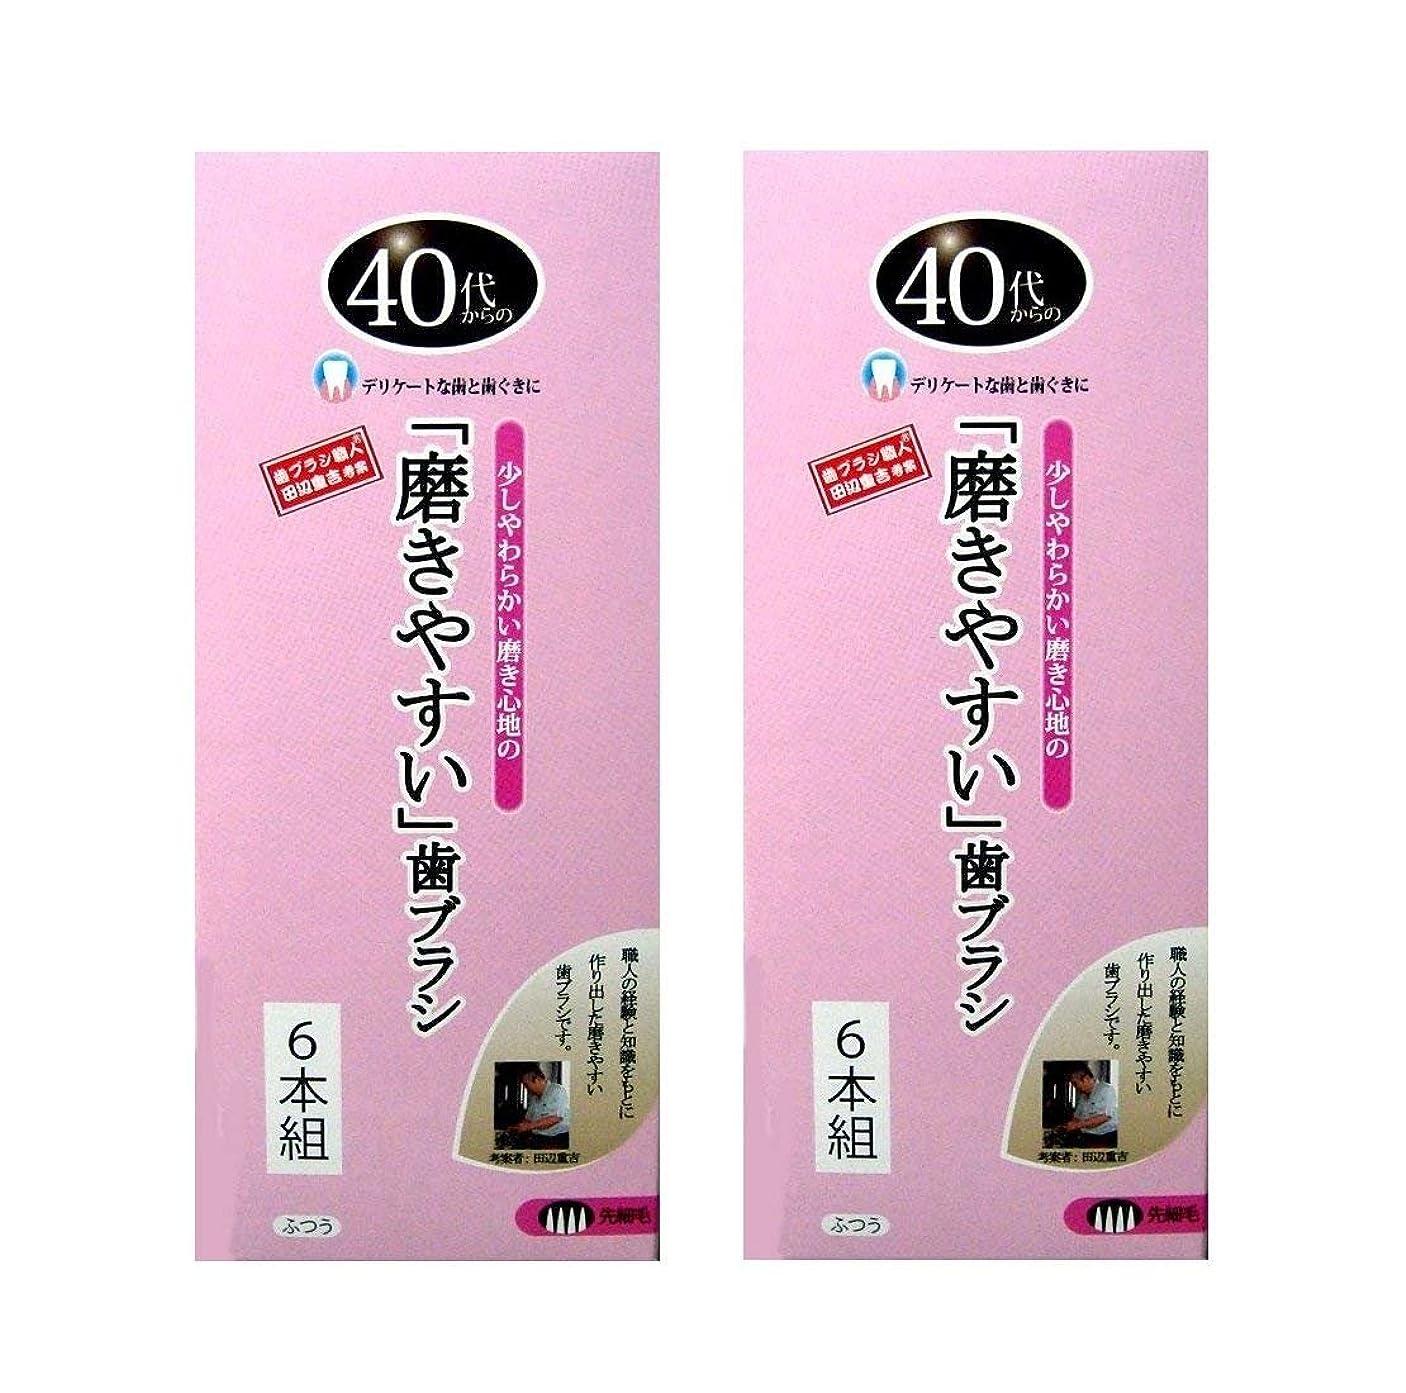 舗装する空気存在する歯ブラシ職人 Artooth ? 田辺重吉の磨きやすい 40代からの歯ブラシ 歯ぐきにやさしい 細めの毛 先細毛 日本製 12本セットLT-15-12